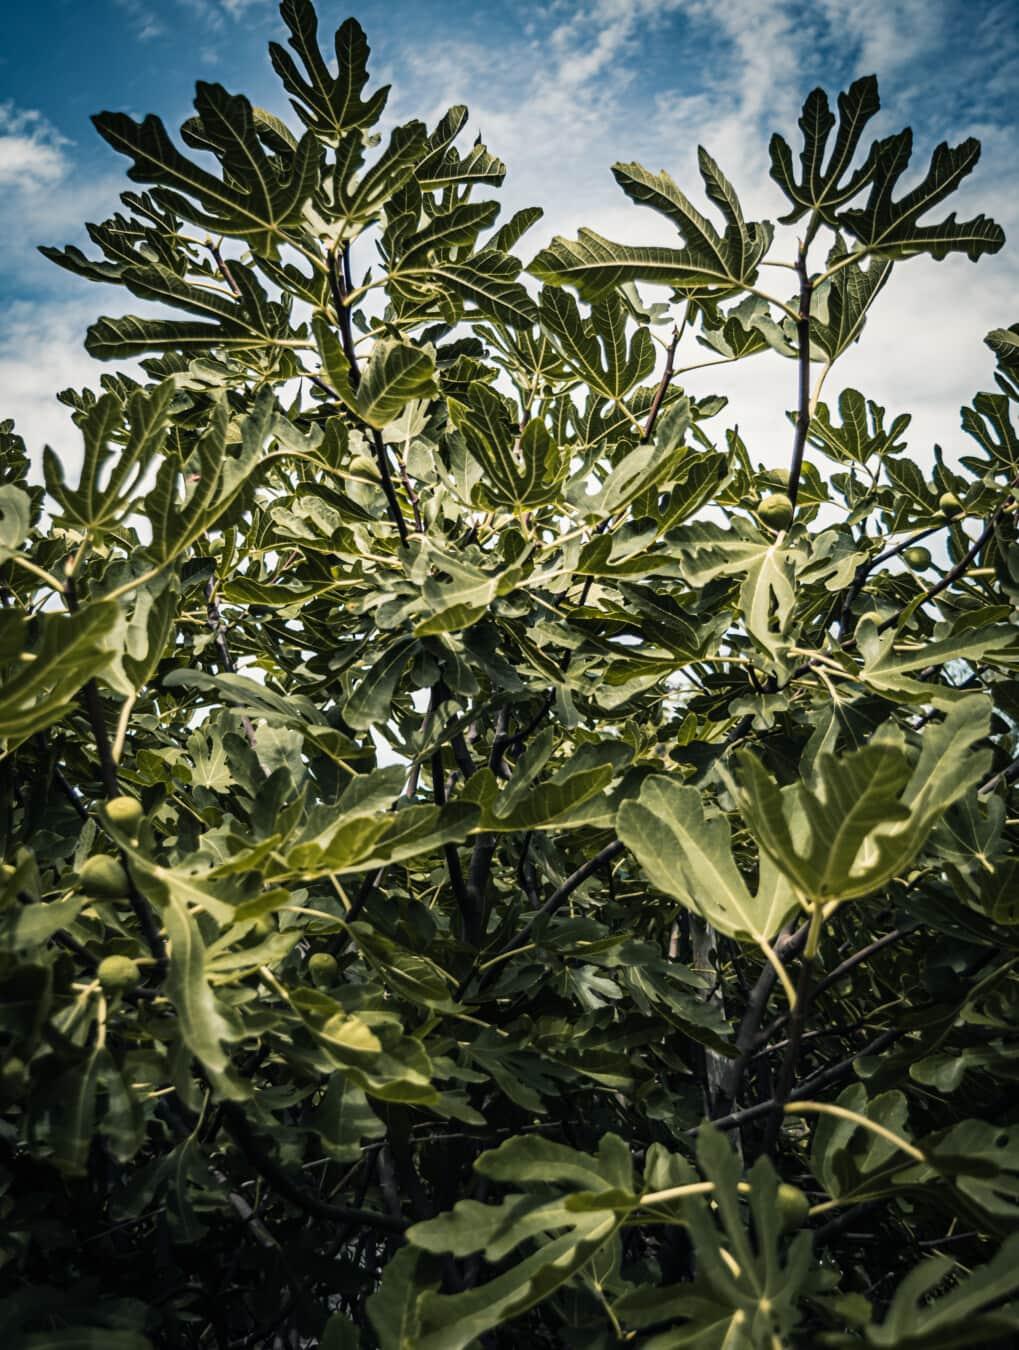 Struktur, tropische, Buchse, exotisch, grüne Blätter, Strauch, Obstbaum, Obstgarten, Plantage, Anlage